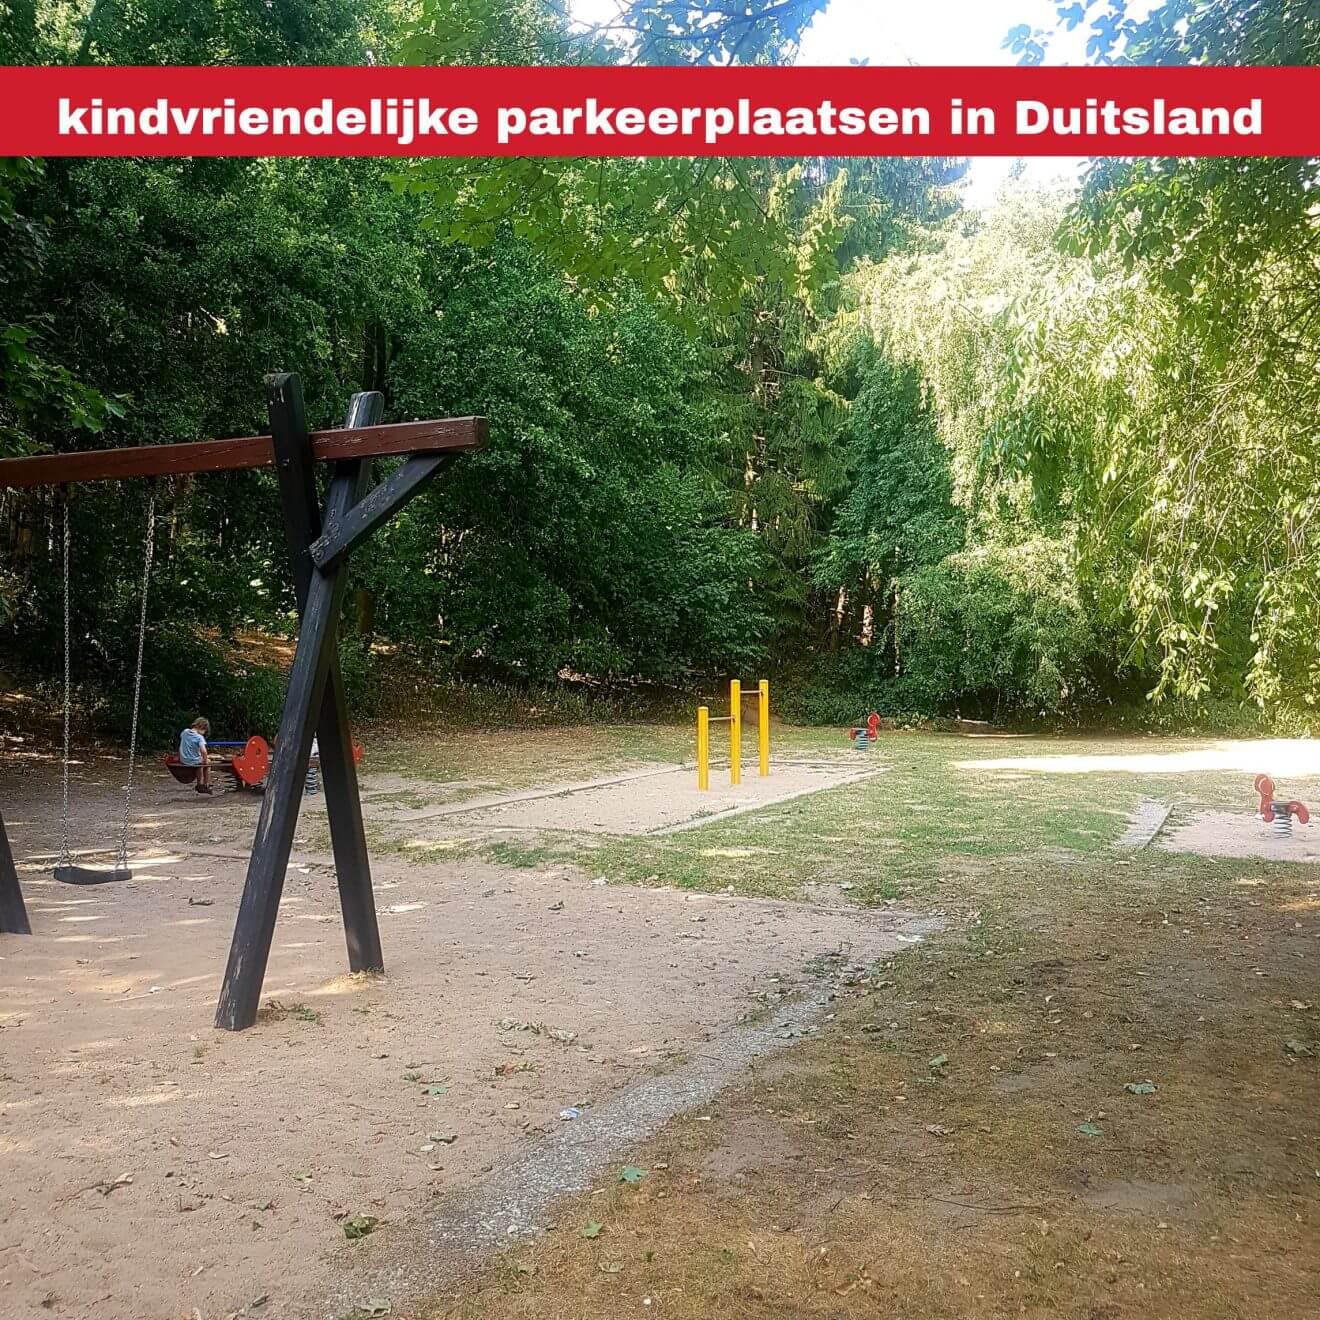 Kindvriendelijke parkeerplaatsen langs de snelweg in Duitsland